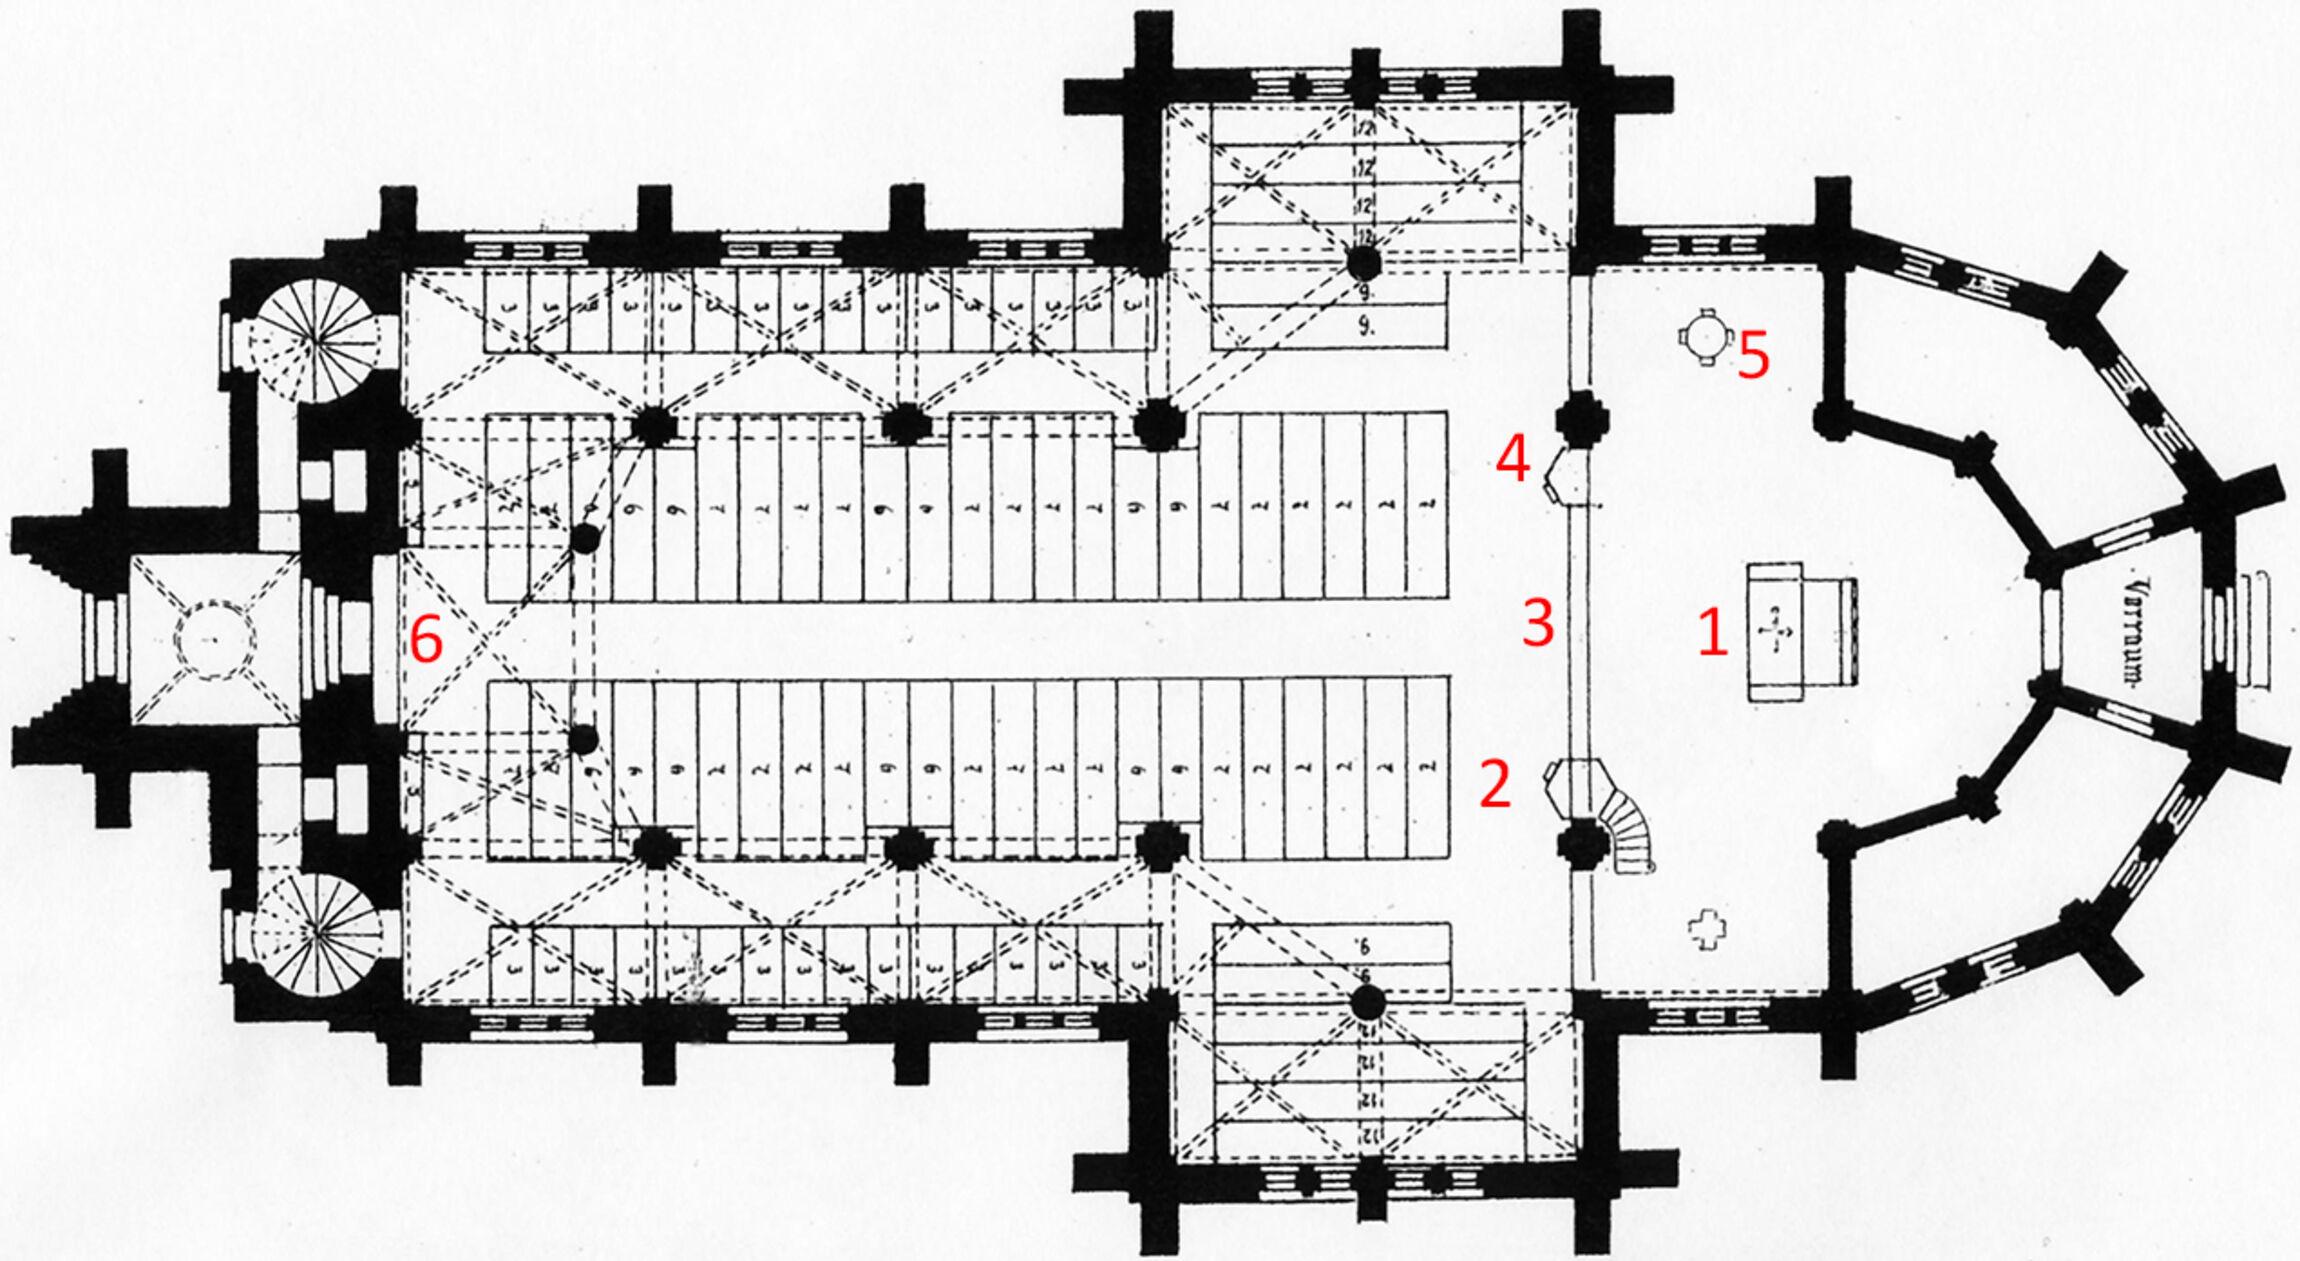 Grundriss (ohne Kapelle): Altar (1), Kanzel (2), Taufstein (3), Lesepult  (4), Chorgestühl (5), Orgel (6) / Bild: Archiv D. Apostelgemeinde